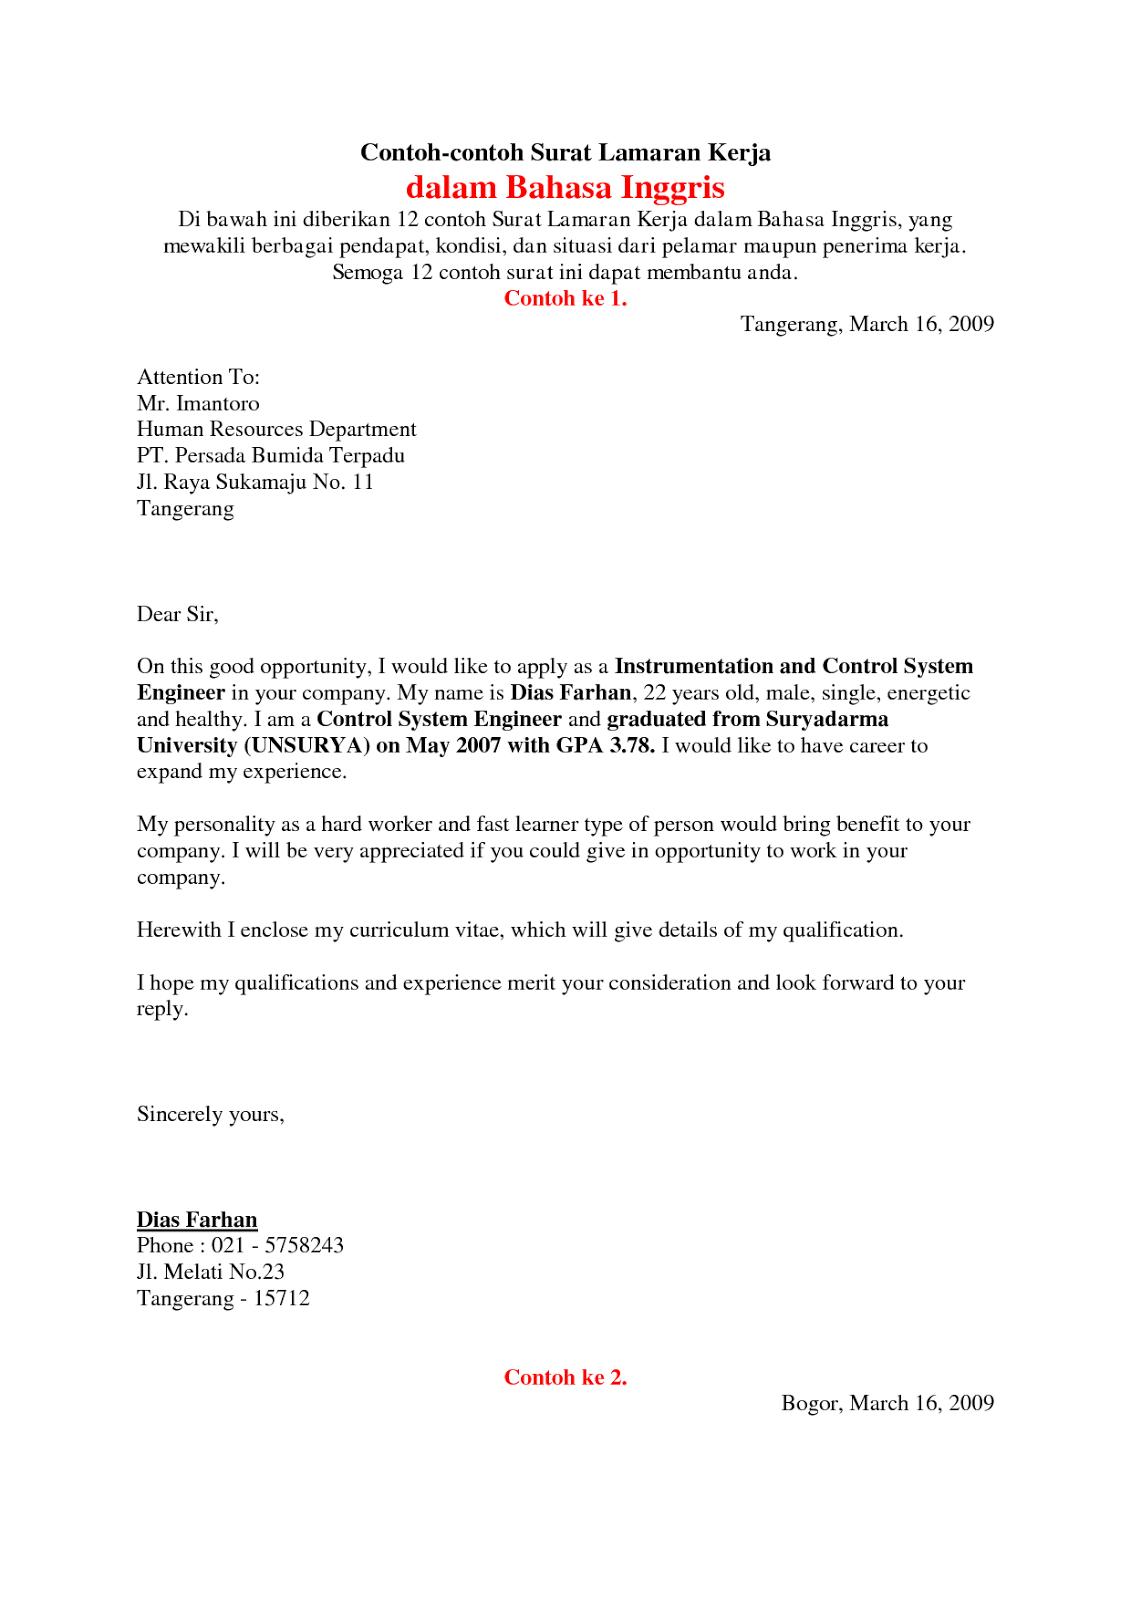 Contoh Surat Lamaran Kerja Bahasa inggris, Bahasa, Surat